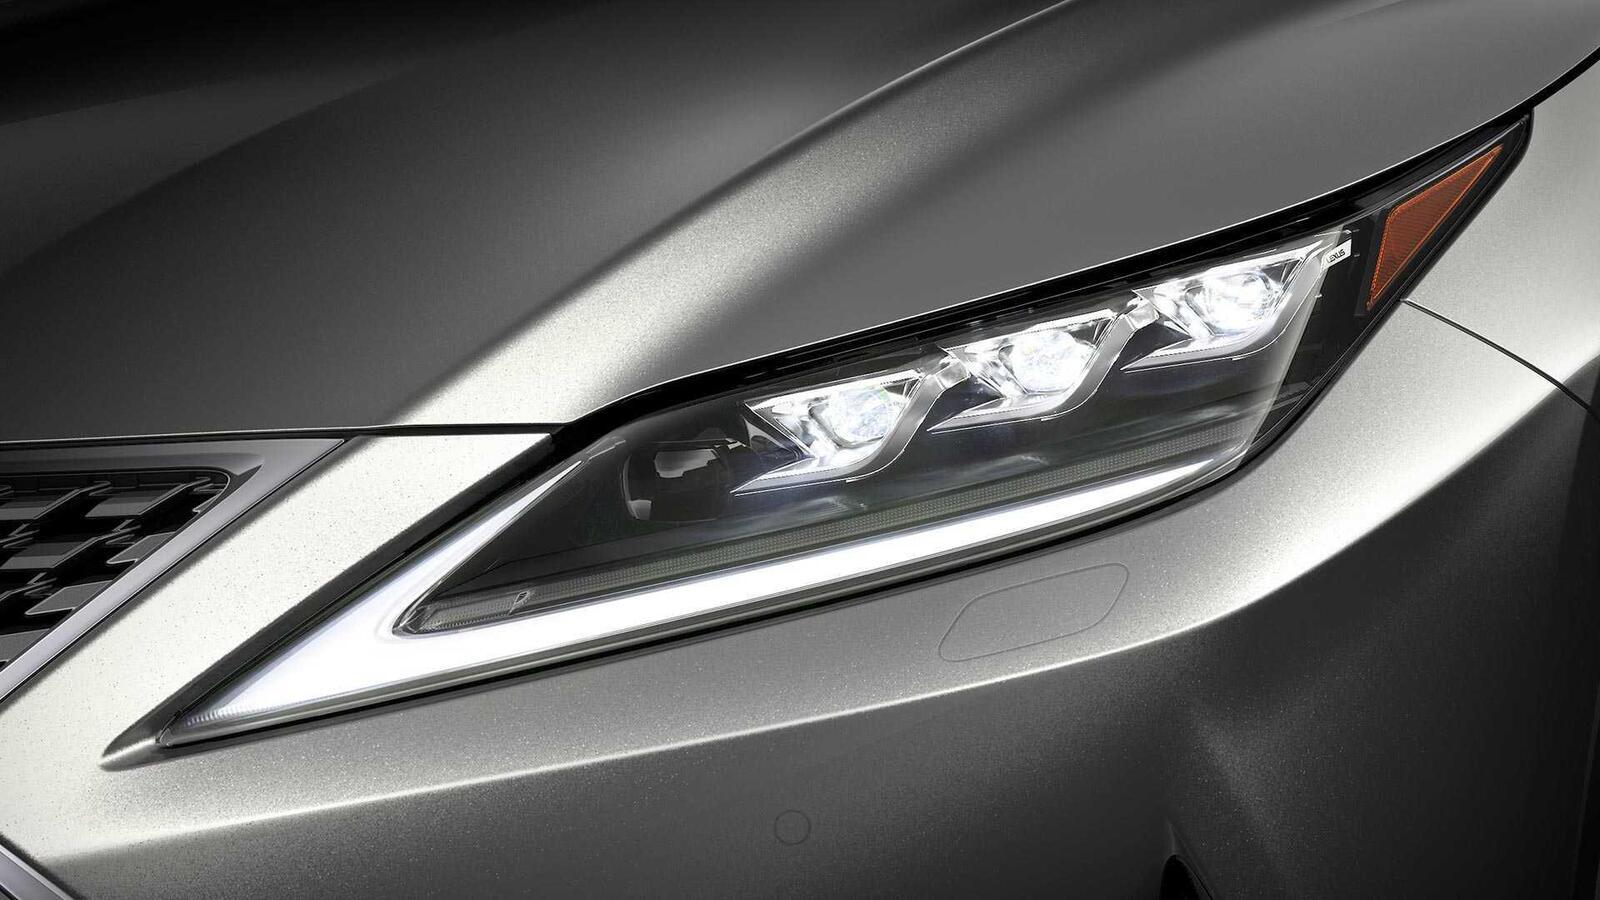 Lexus ra mắt công nghệ đèn pha thích ứng Bladescan - Hình 1